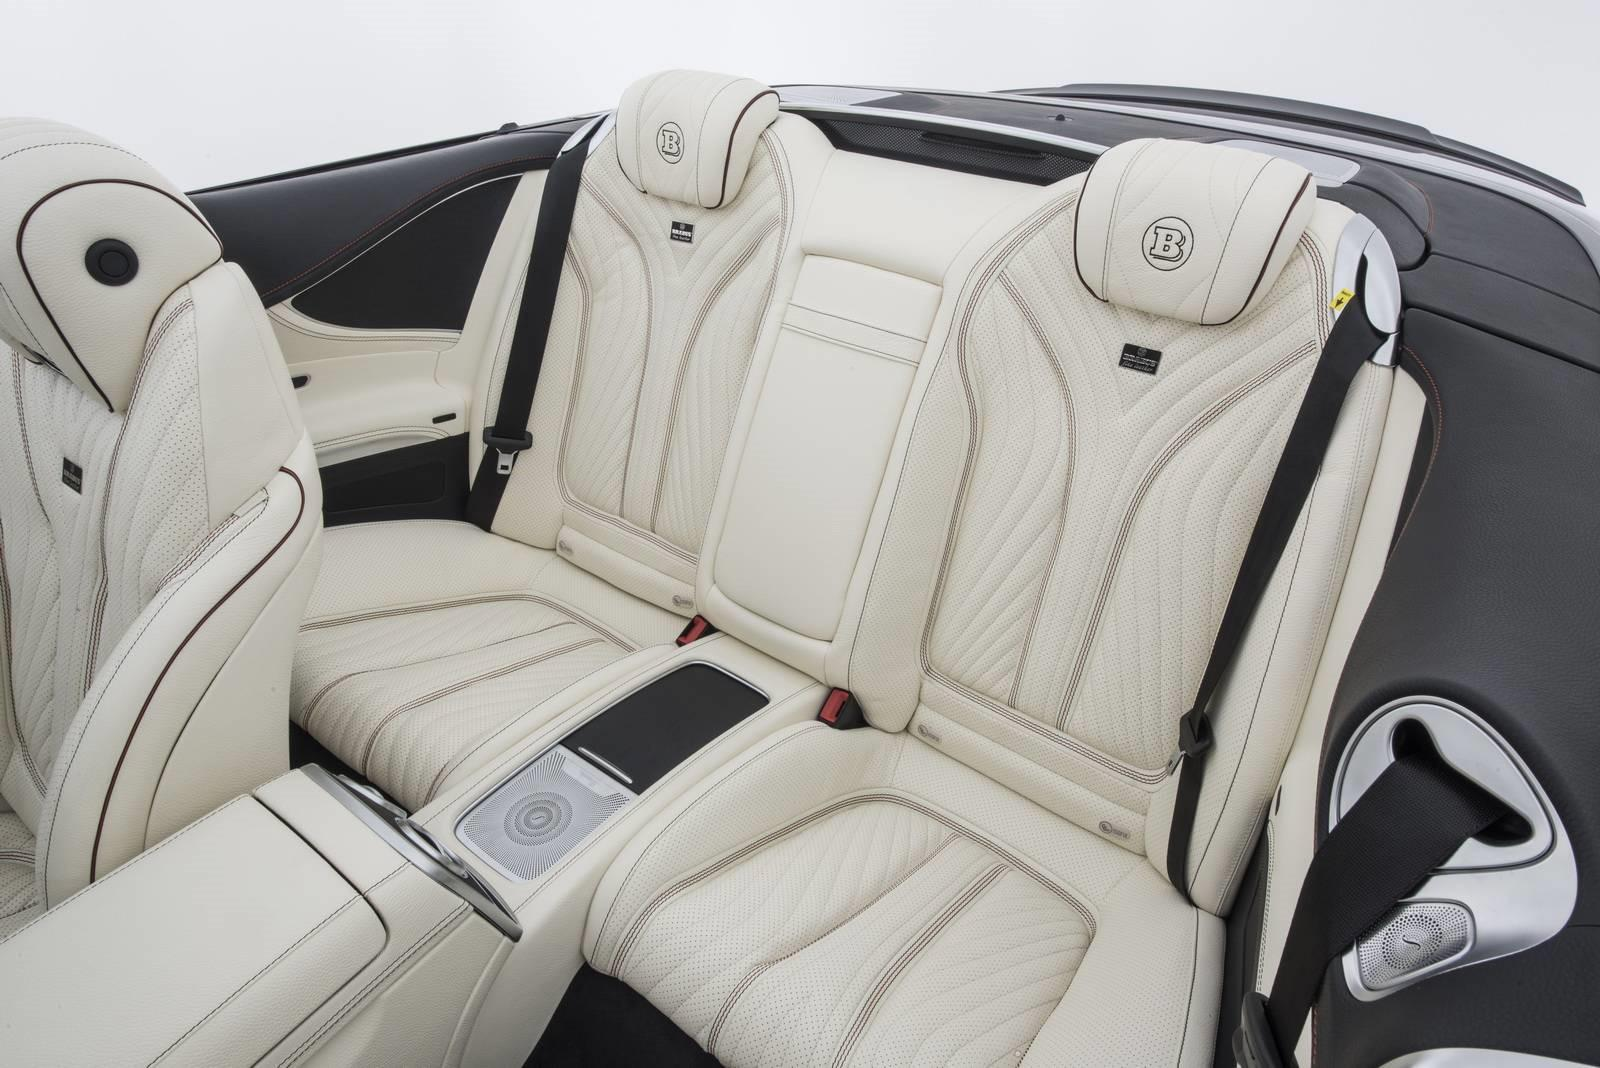 le-cabriolet-4-places-le-plus-puissant-et-le-plus-rapide-au-monde-brabus-rocket-900-cabriolet-411-11.jpg